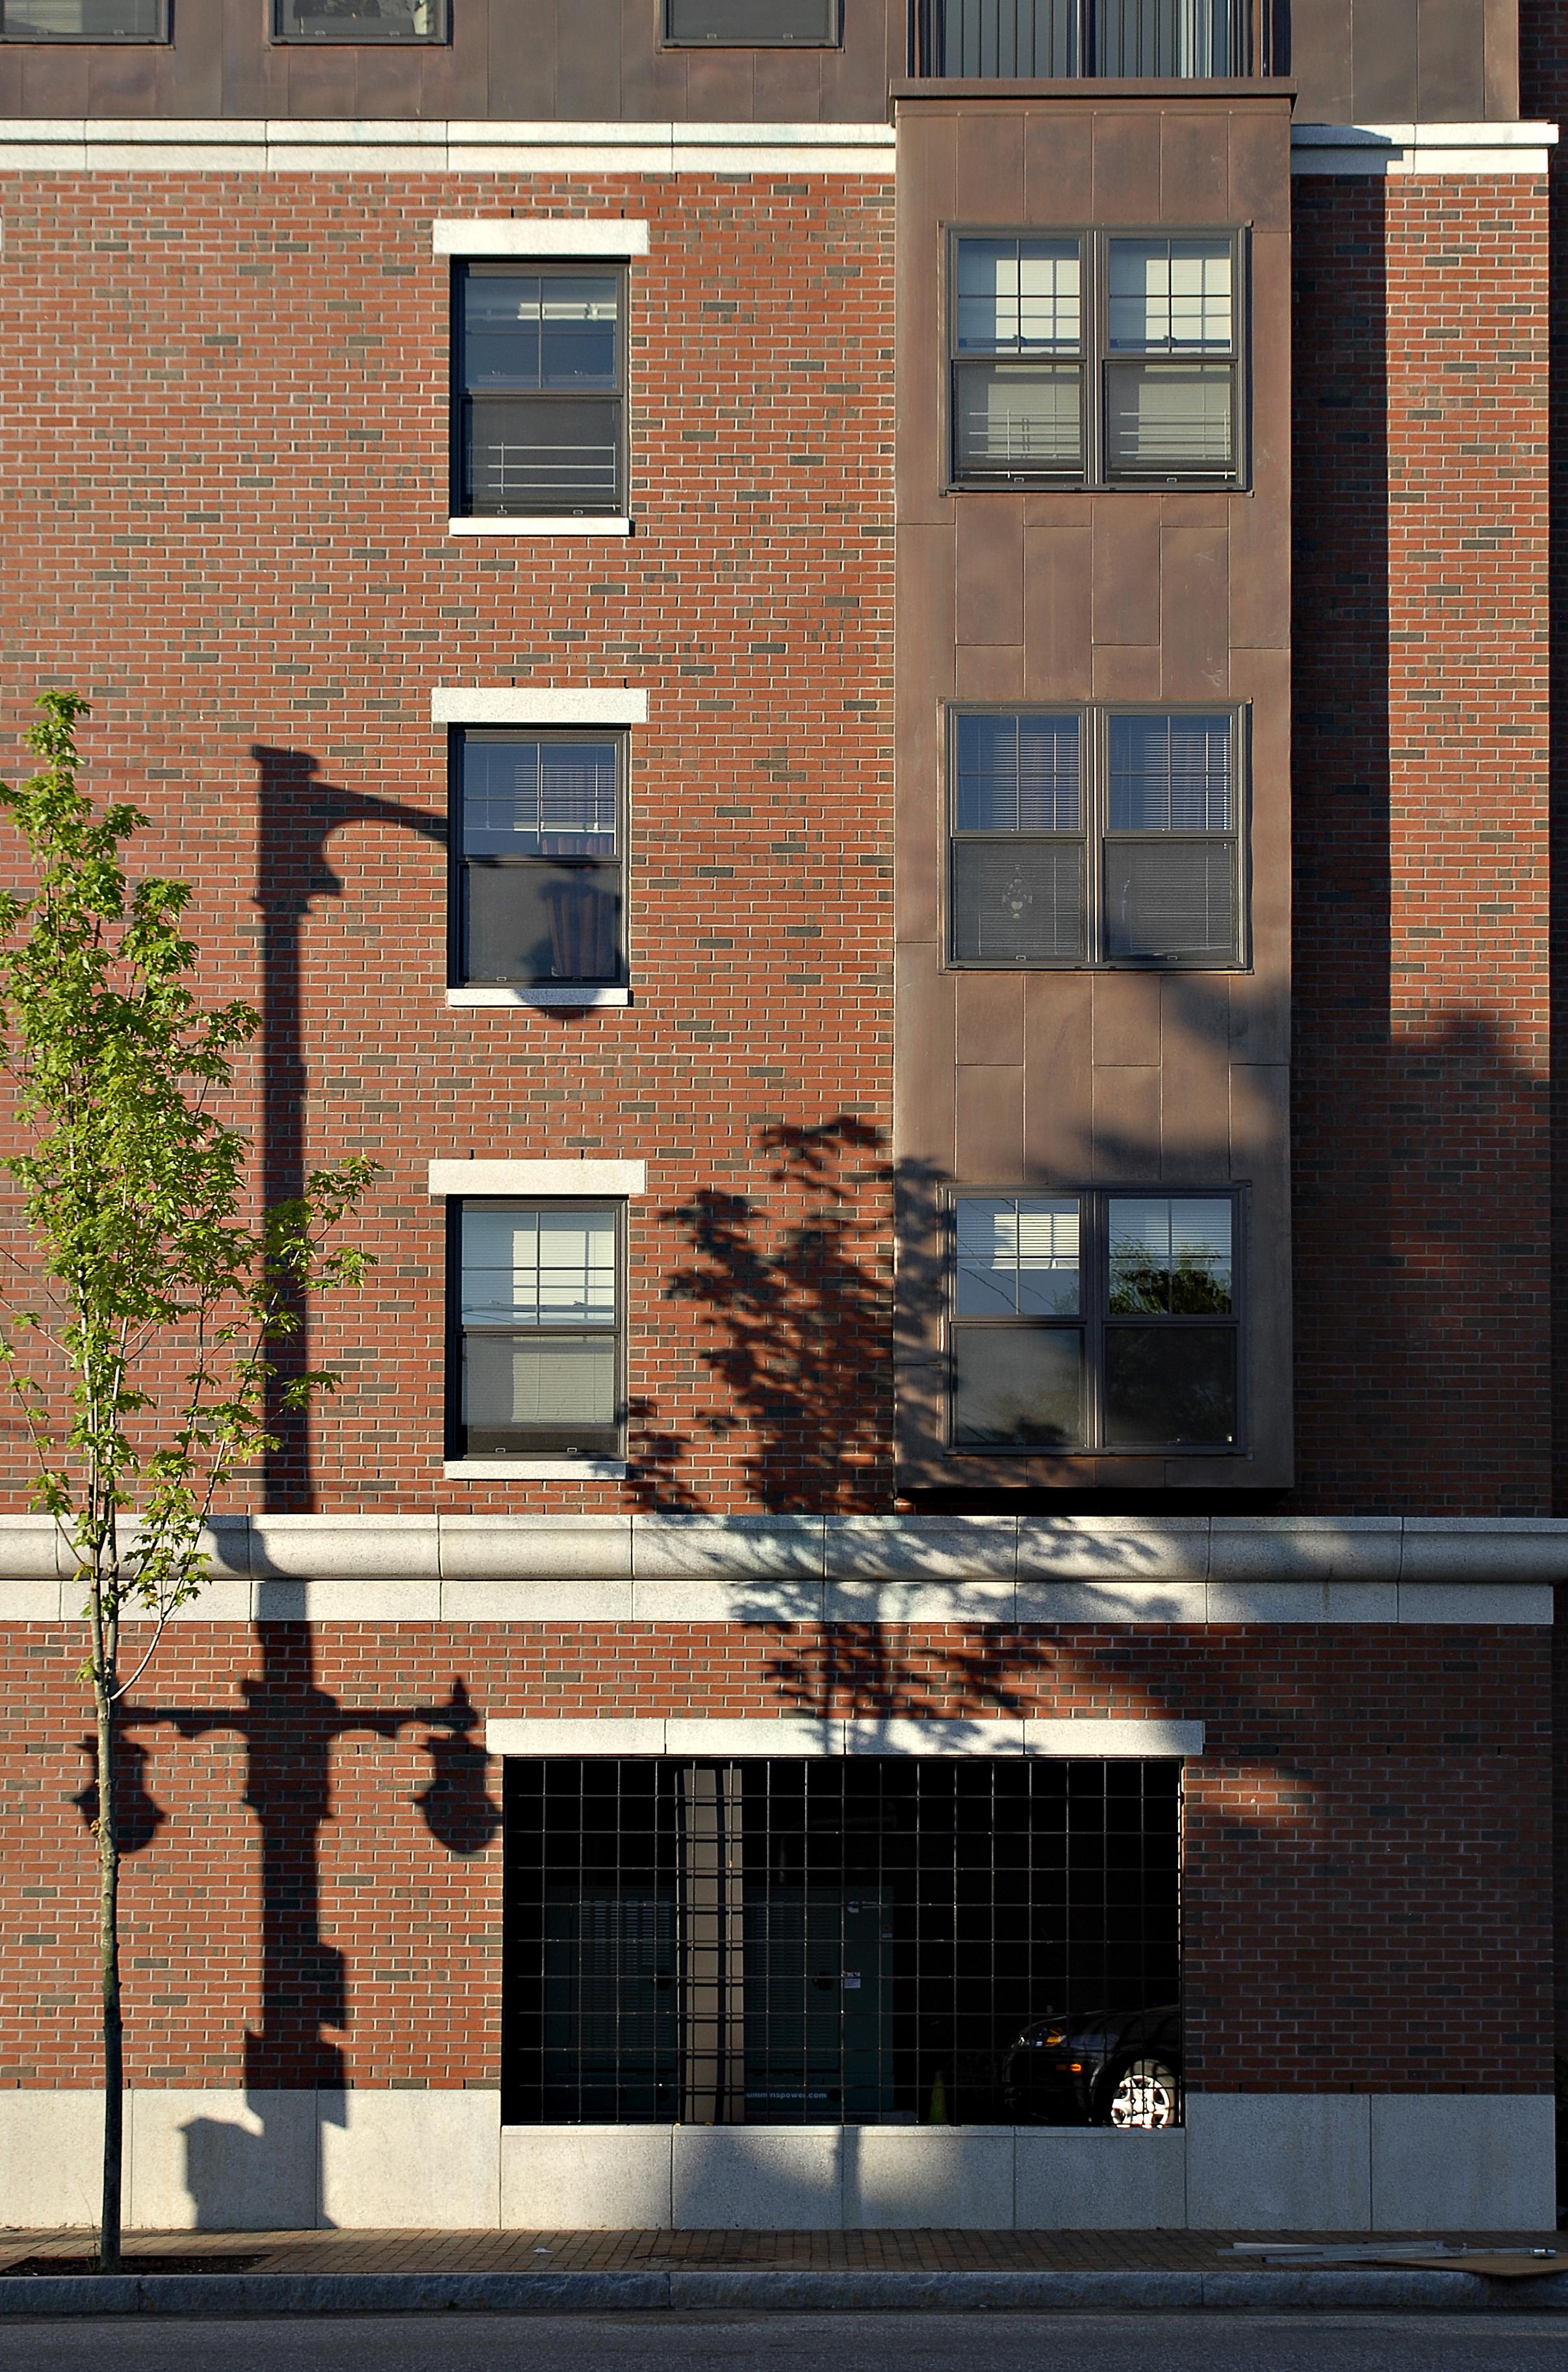 02 - Walker Terrace.jpg